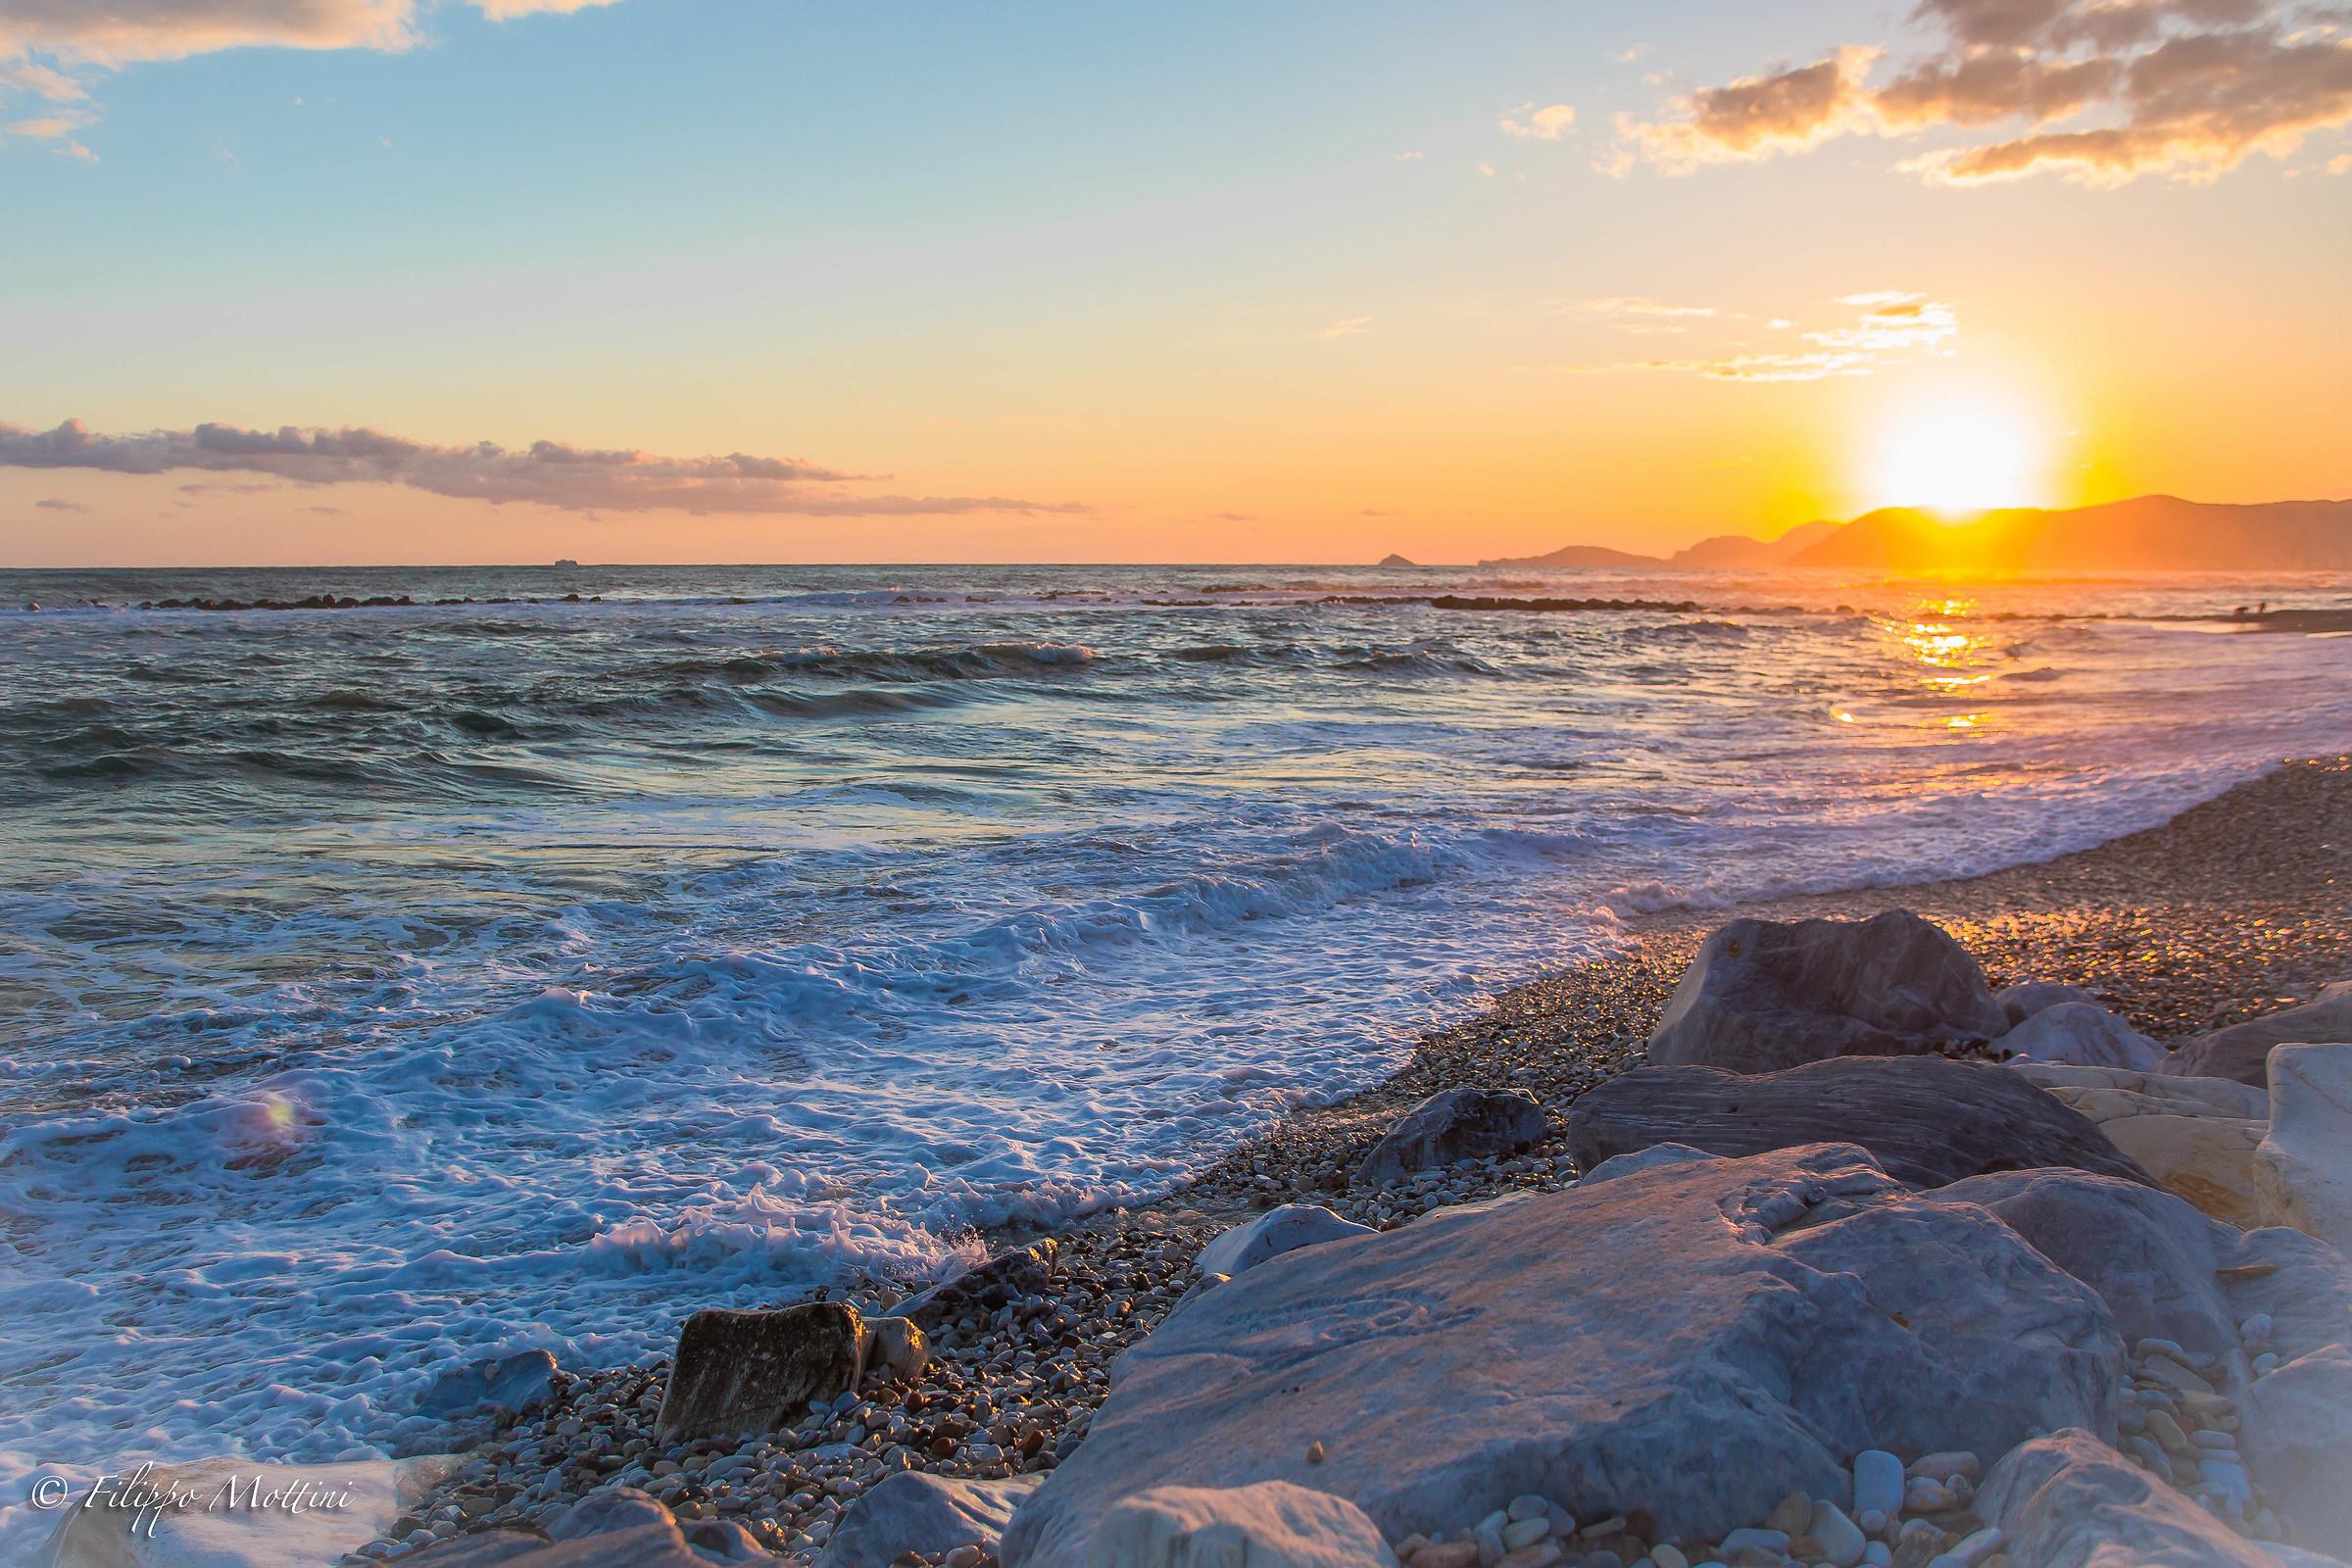 Il mare impetuoso al tramonto...